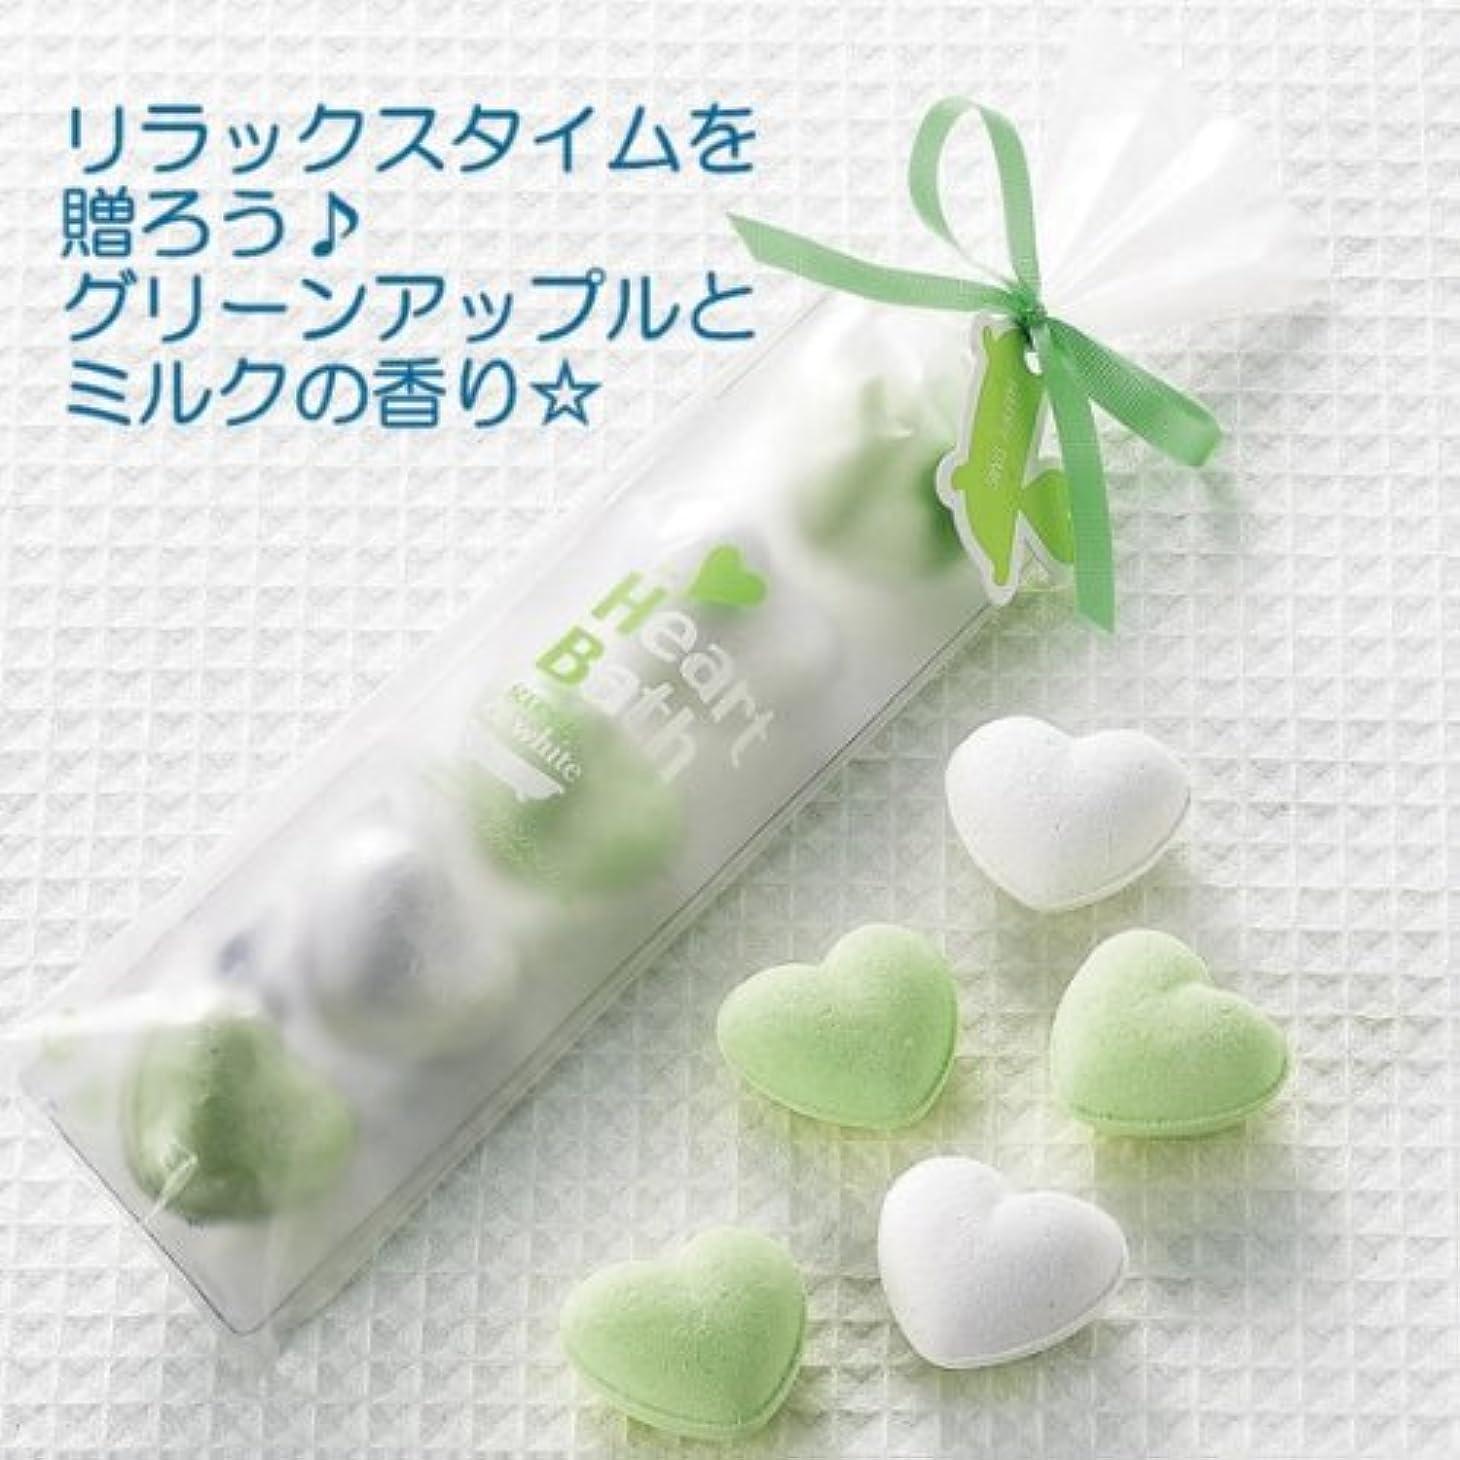 エチケット考える適度なハート型の入浴剤グリーンアップル&ミルク